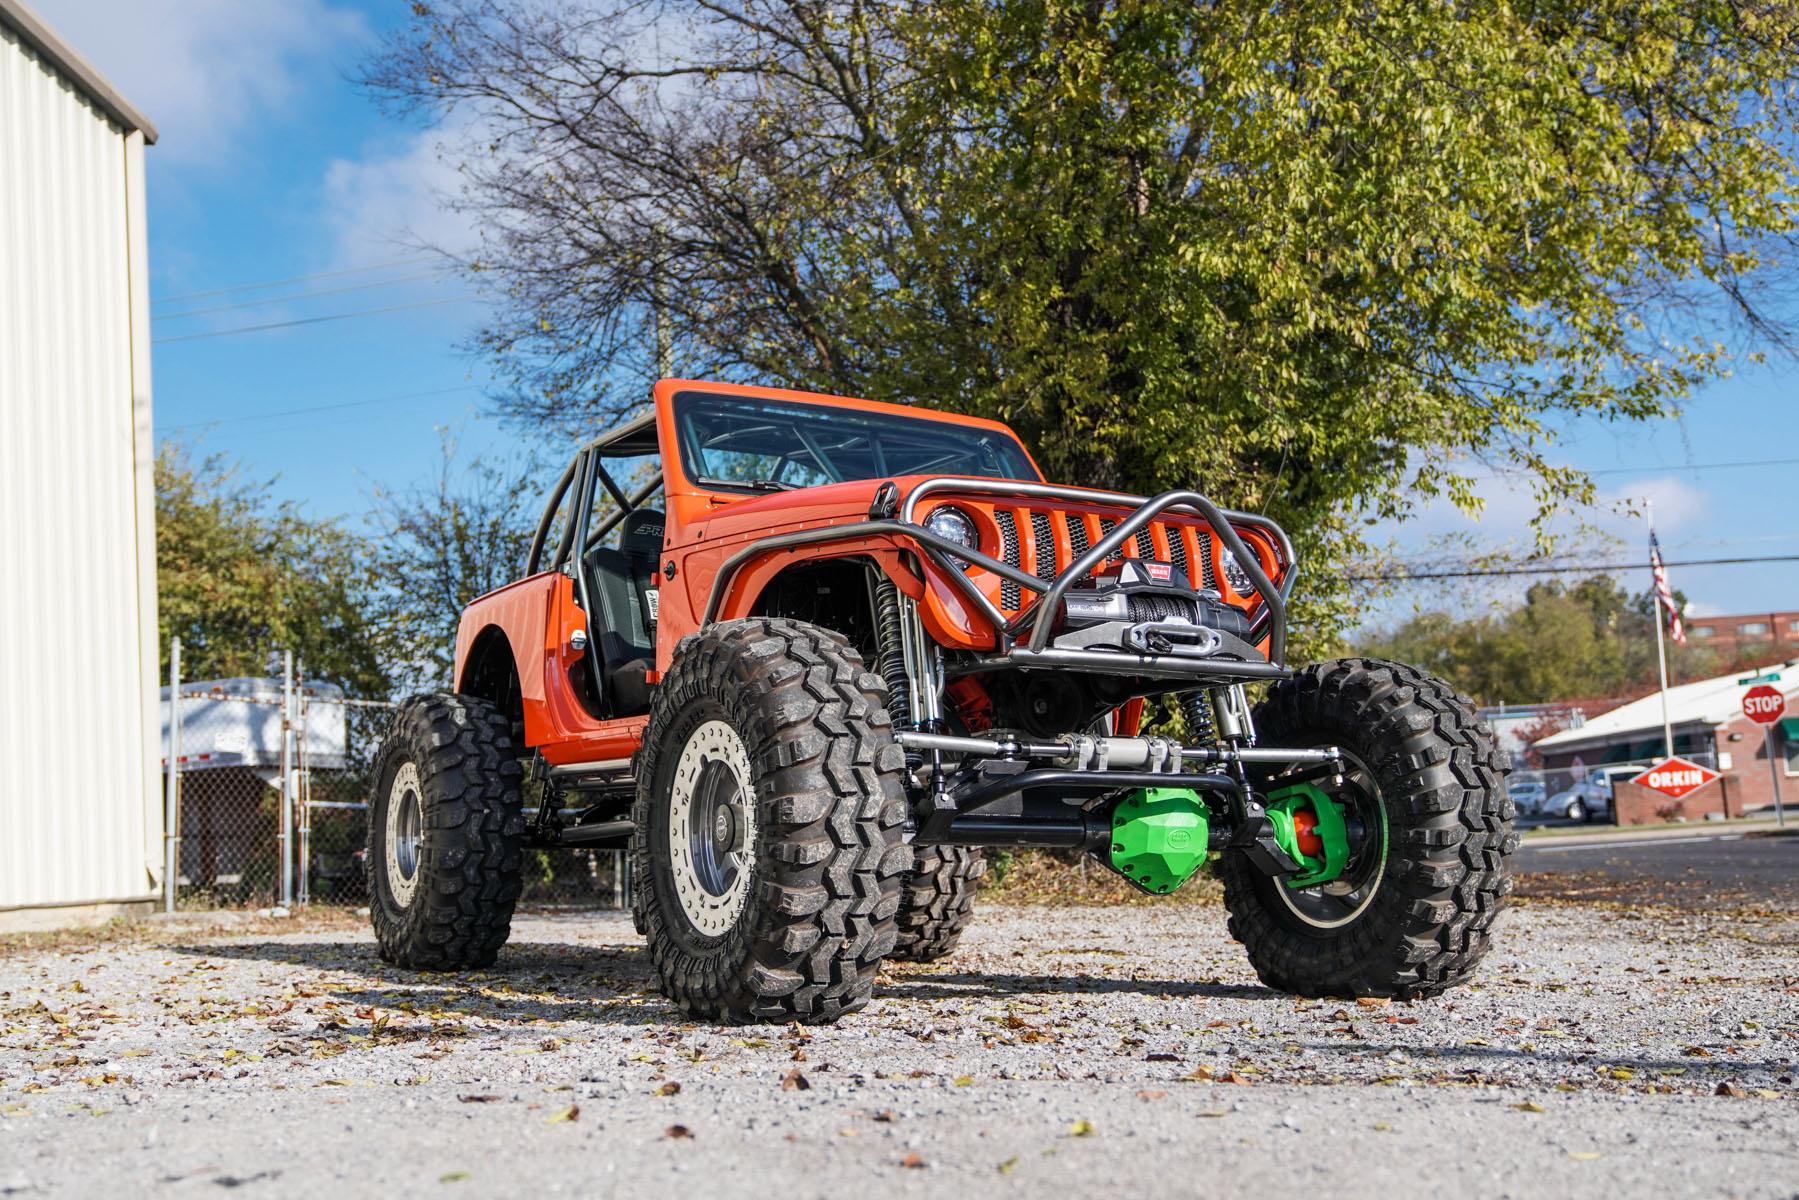 Scott Grubb's Jeep JL